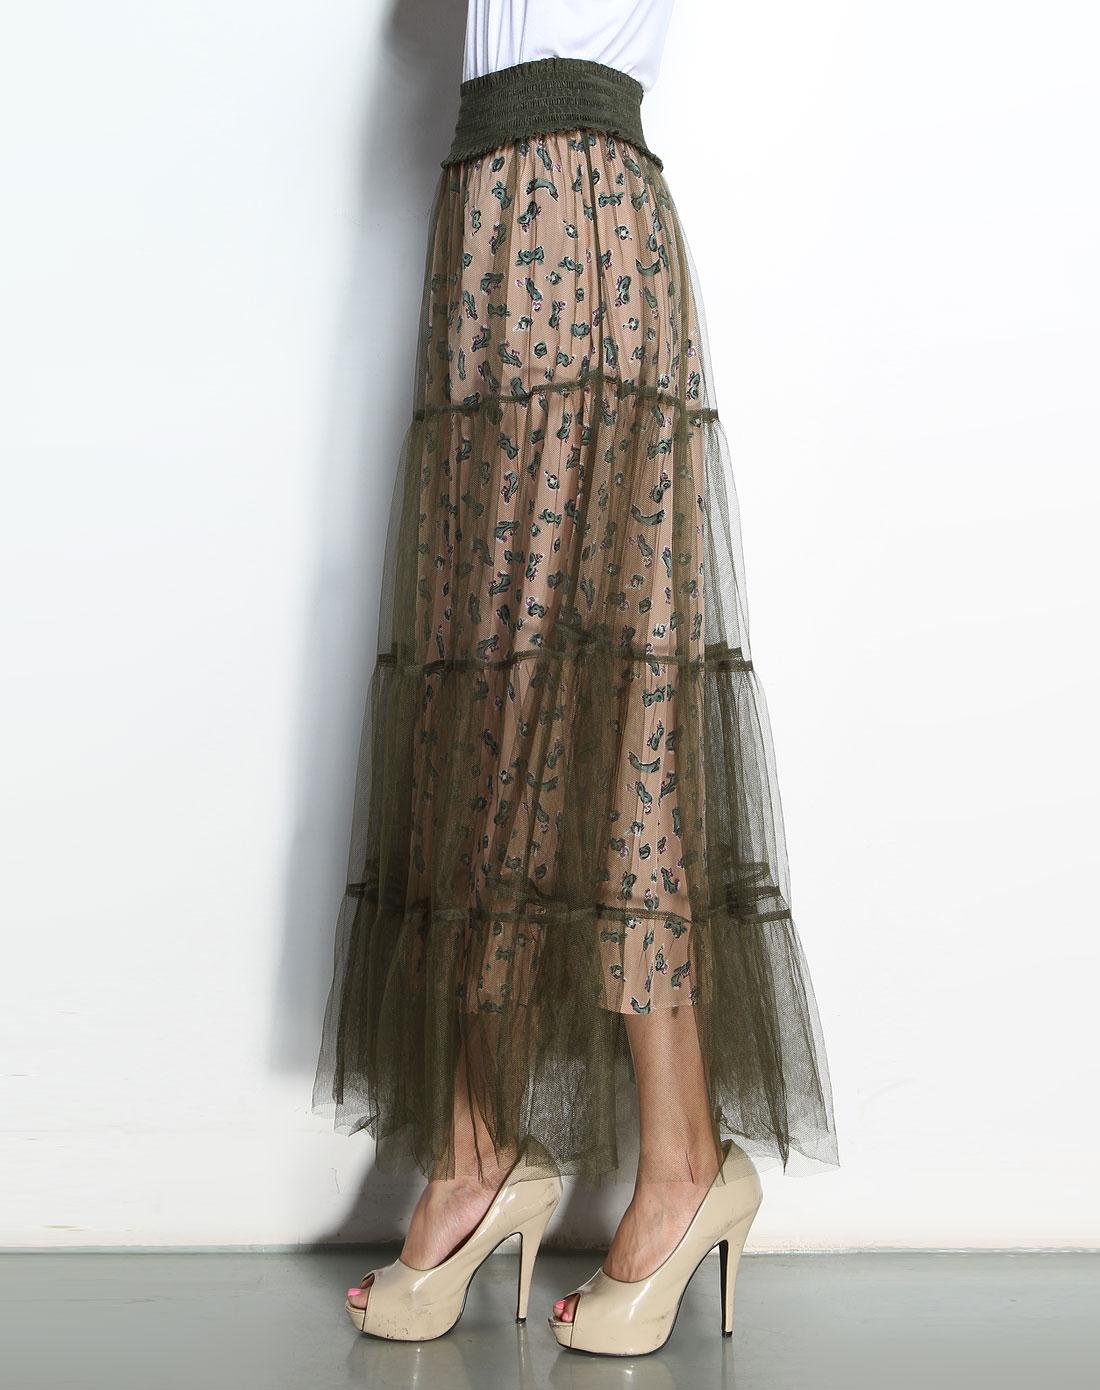 橄榄绿色薄纱拼花纹时尚长裙